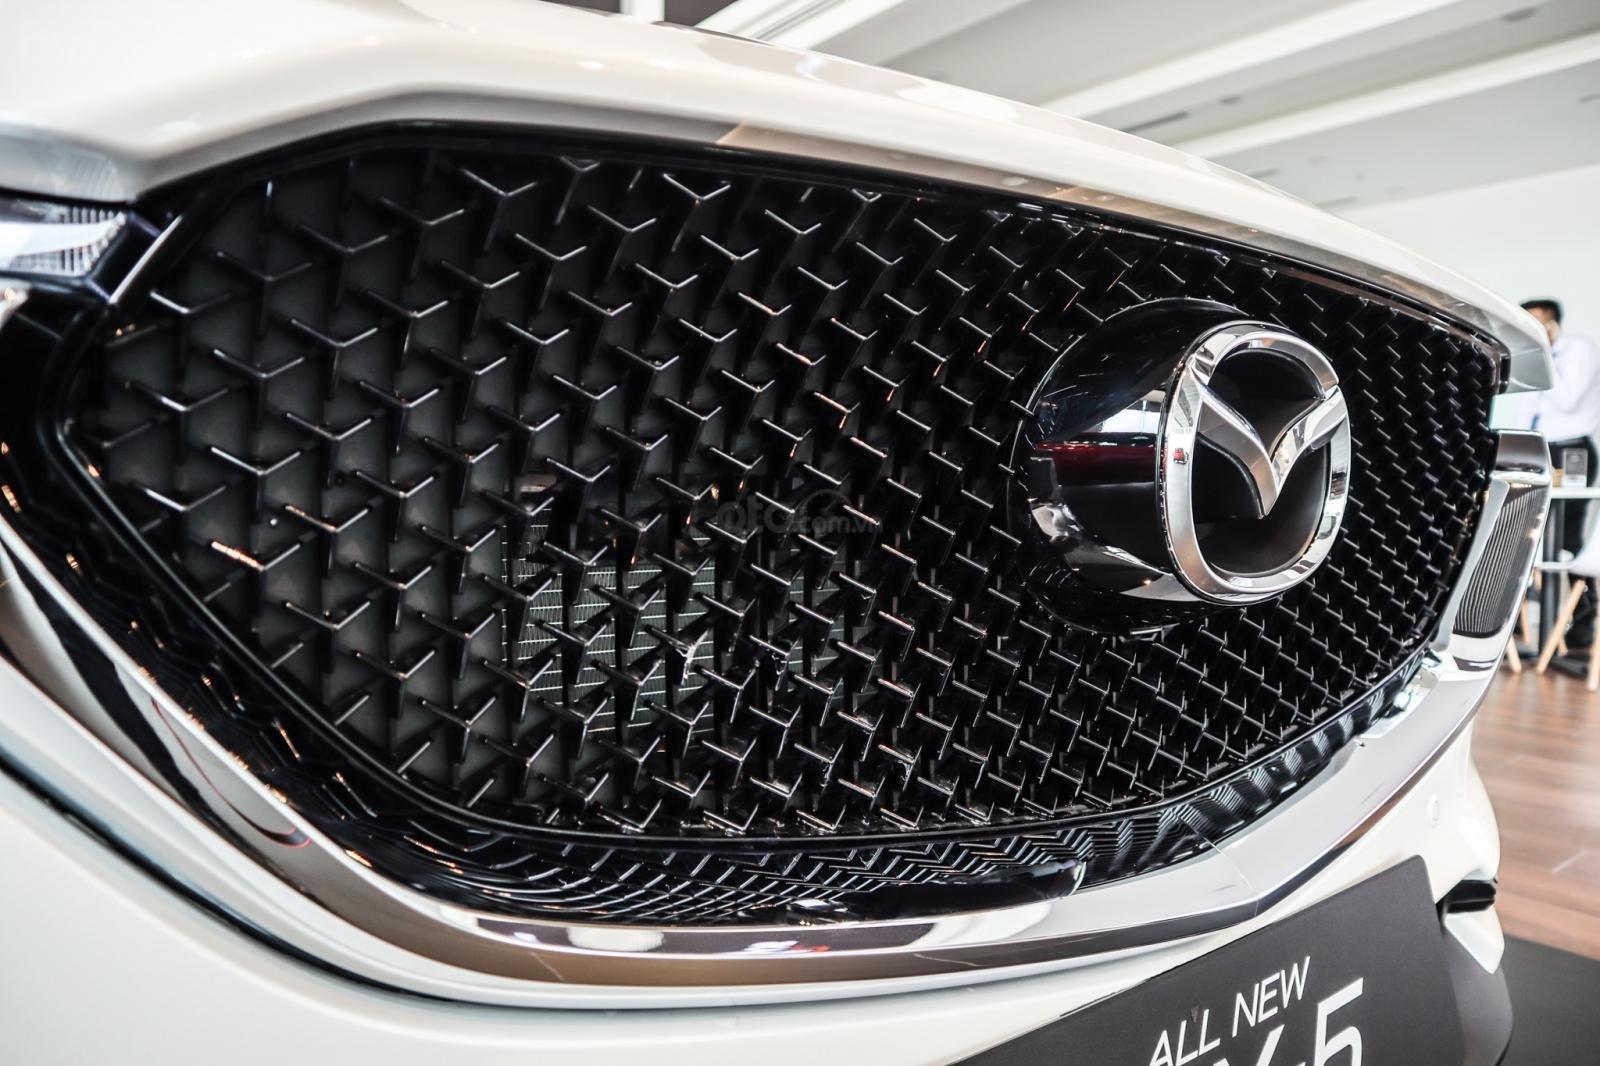 Bán Mazda CX5 đẳng cấp thời thượng, là sự lựa chọn thông minh và giá hợp lý (7)